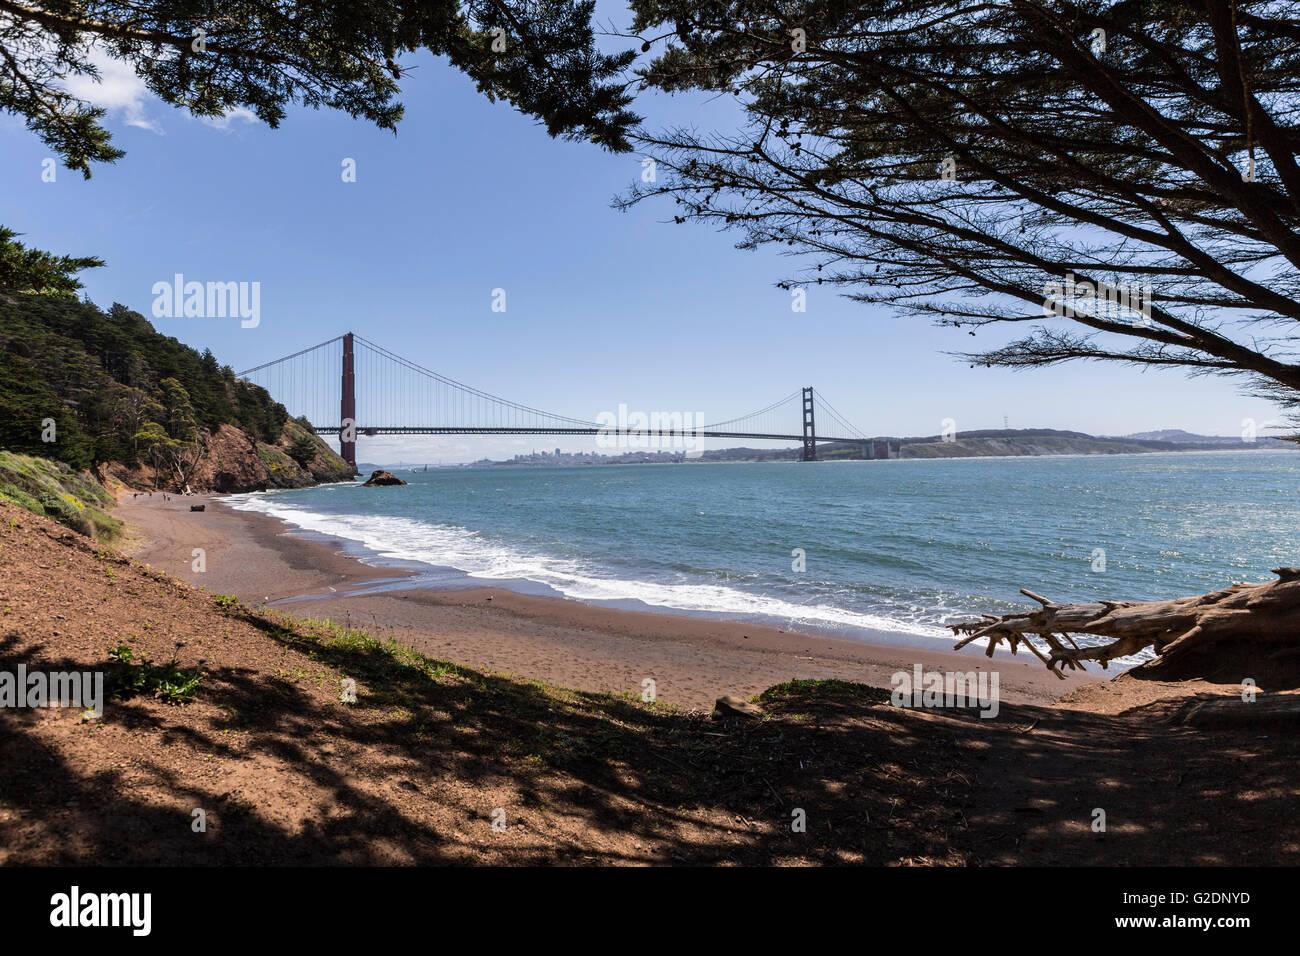 Zone de loisirs du Golden Gate Bridge view Marin Headlands Beach Cove. Photo Stock